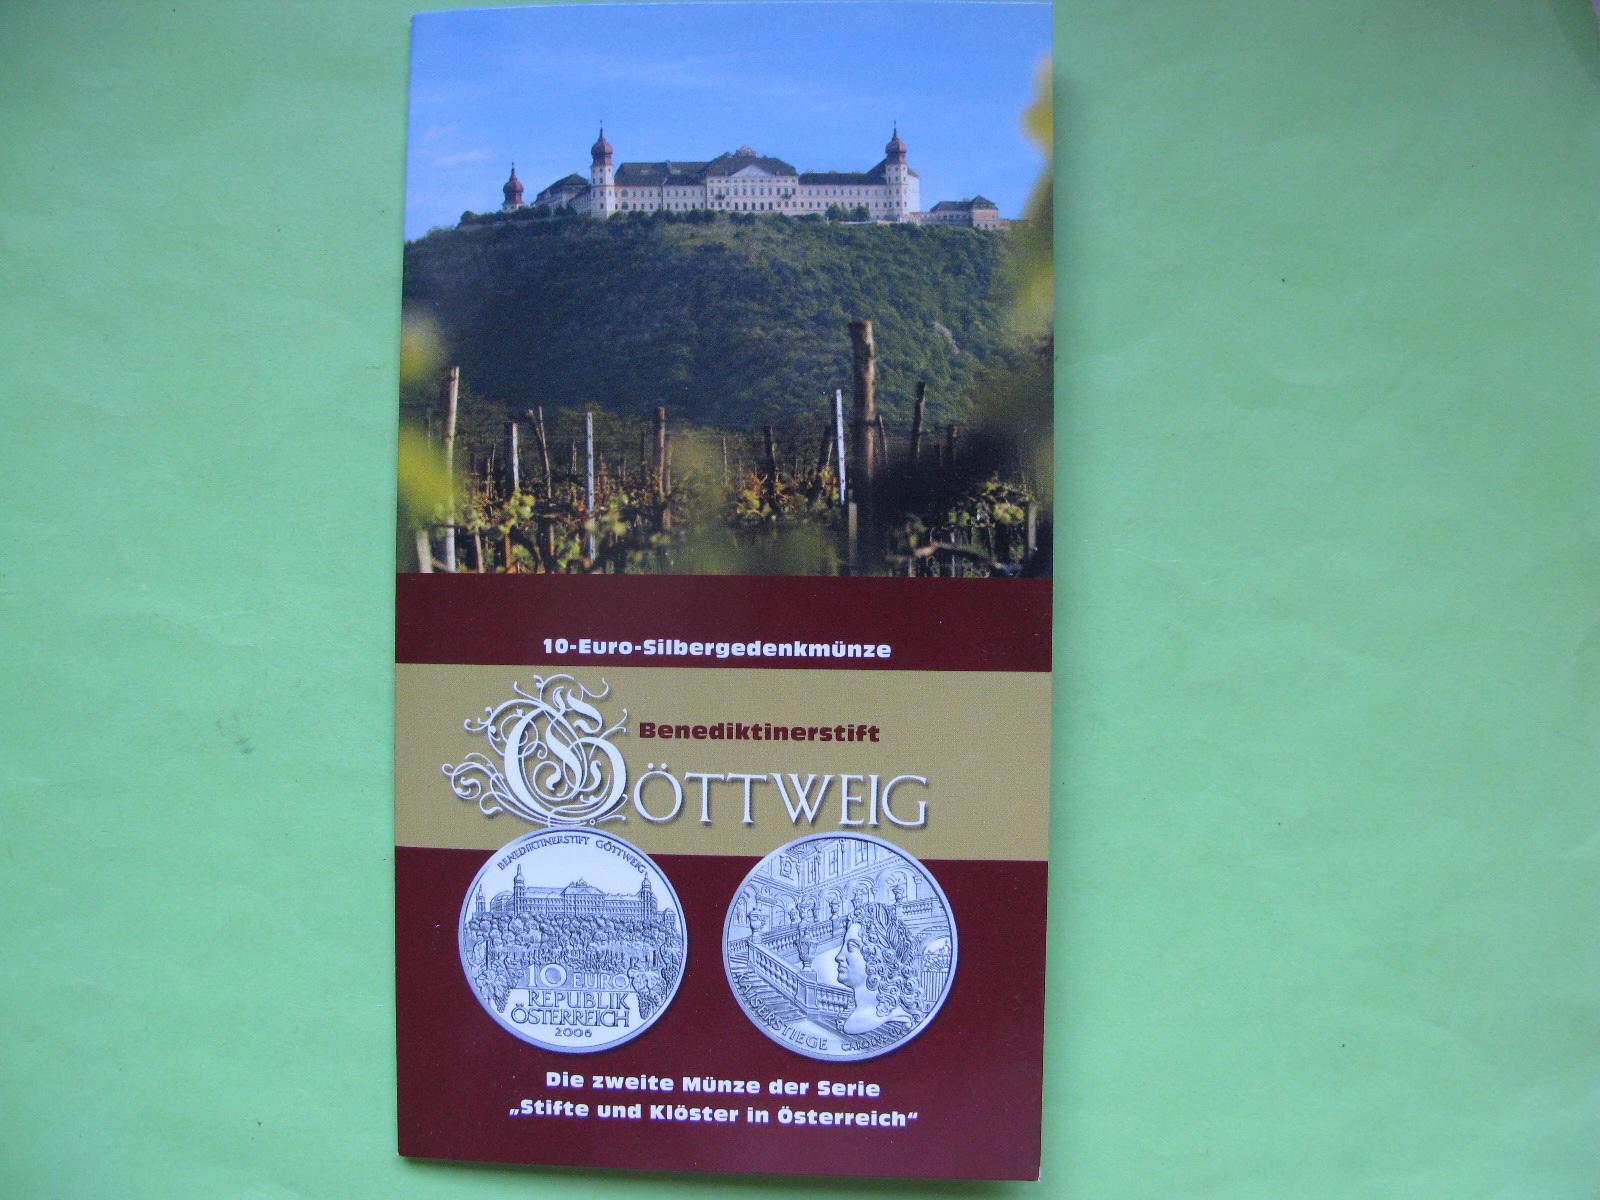 Австрия 10 евро 2006 г. Аббатство Гёттвайг